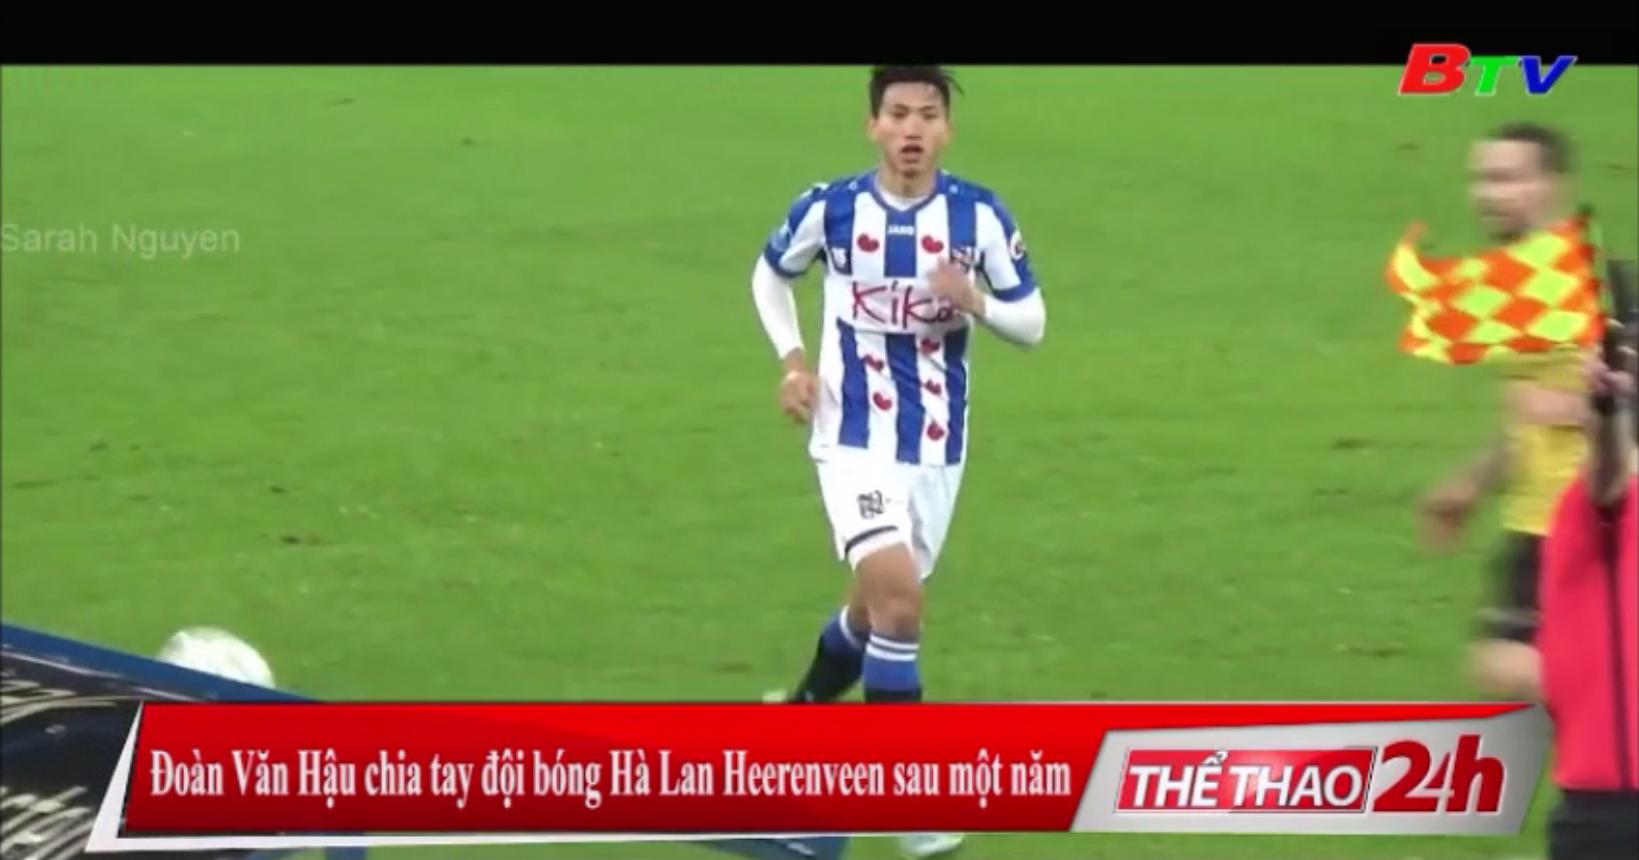 Đoàn Văn Hậu chia tay đội bóng Hà Lan Heerenveen sau một năm